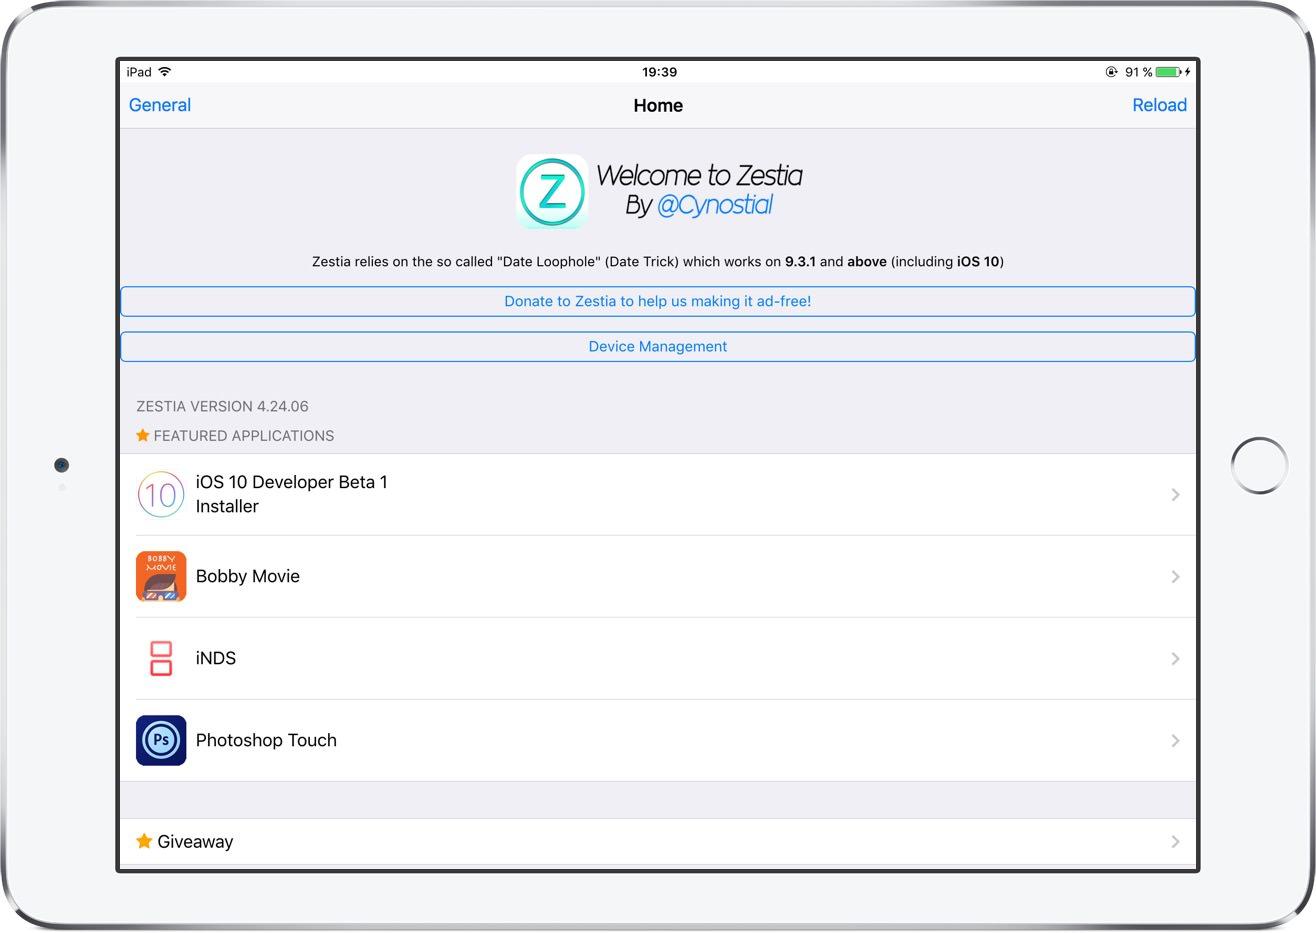 Zestia iOS 10 9